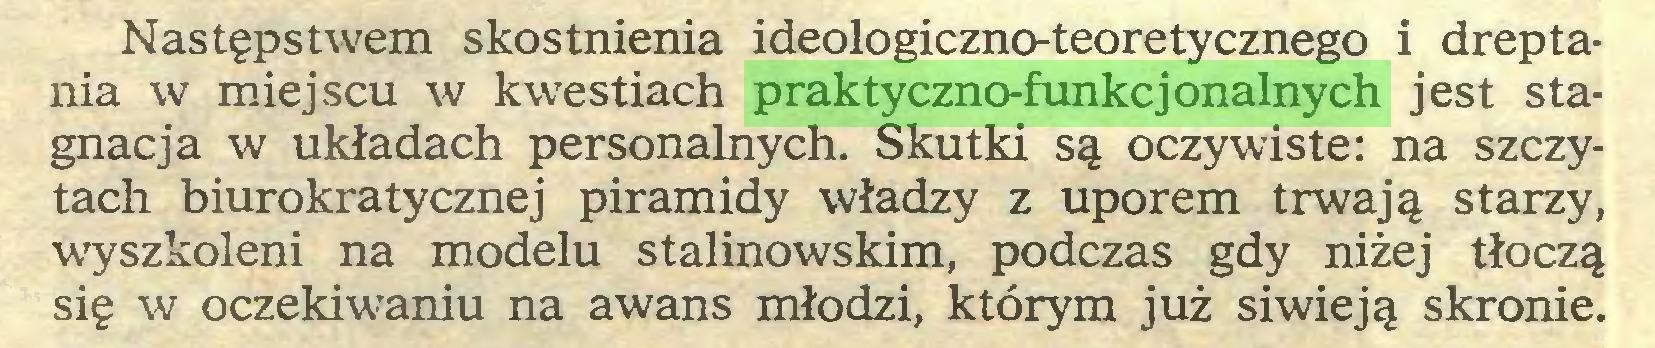 (...) Następstwem skostnienia ideologiczno-teoretycznego i dreptania w miejscu w kwestiach praktyczno-funkcjonalnych jest stagnacja w układach personalnych. Skutki są oczywiste: na szczytach biurokratycznej piramidy władzy z uporem trwają starzy, wyszkoleni na modelu stalinowskim, podczas gdy niżej tłoczą się w oczekiwaniu na awans młodzi, którym już siwieją skronie...